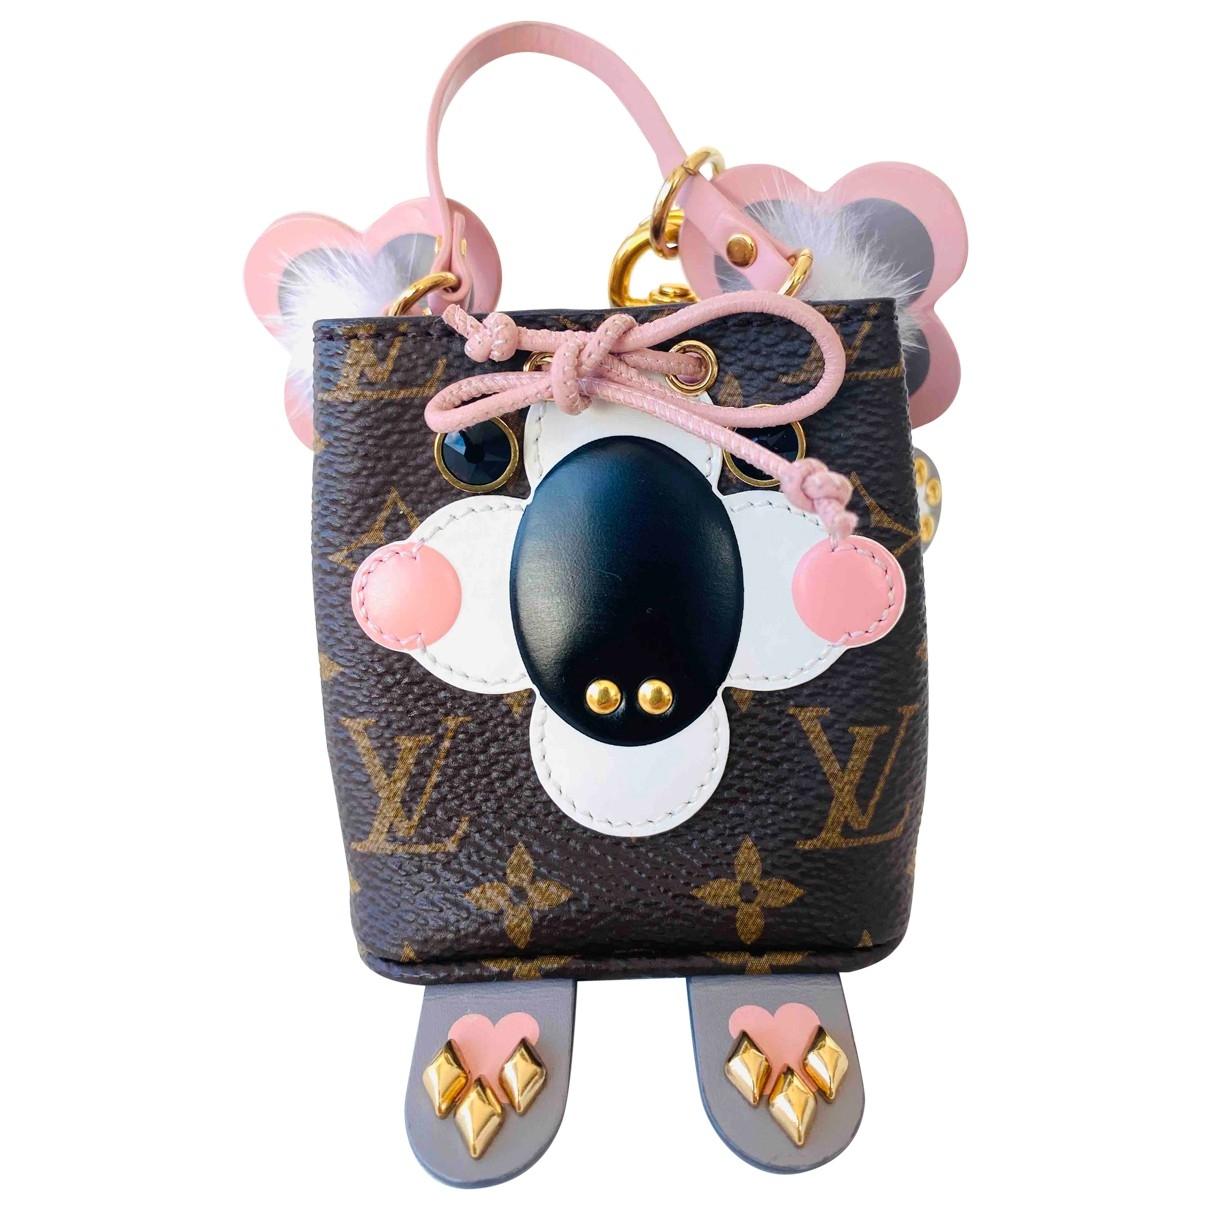 Louis Vuitton NeoNoe Handtasche in Leinen